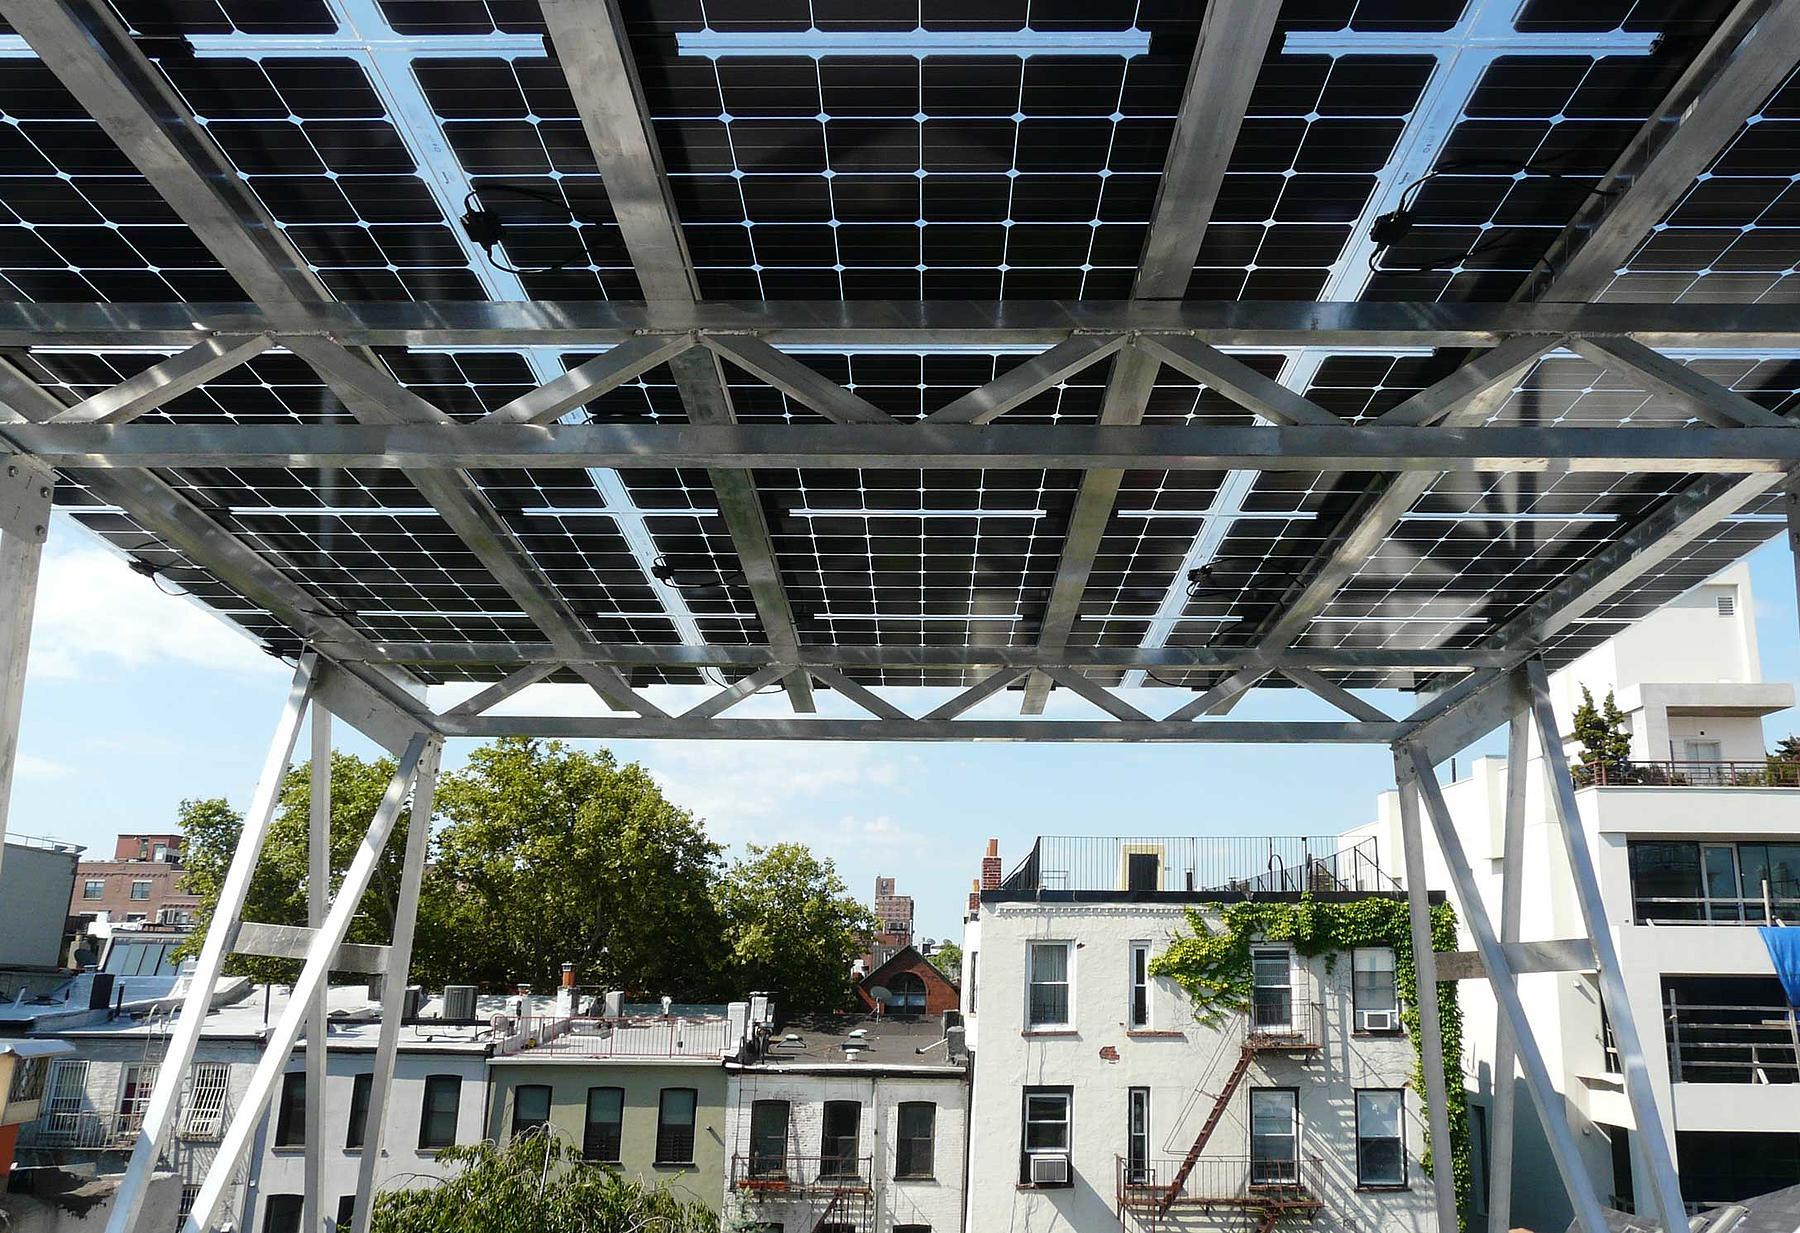 SITU – Solar Canopy